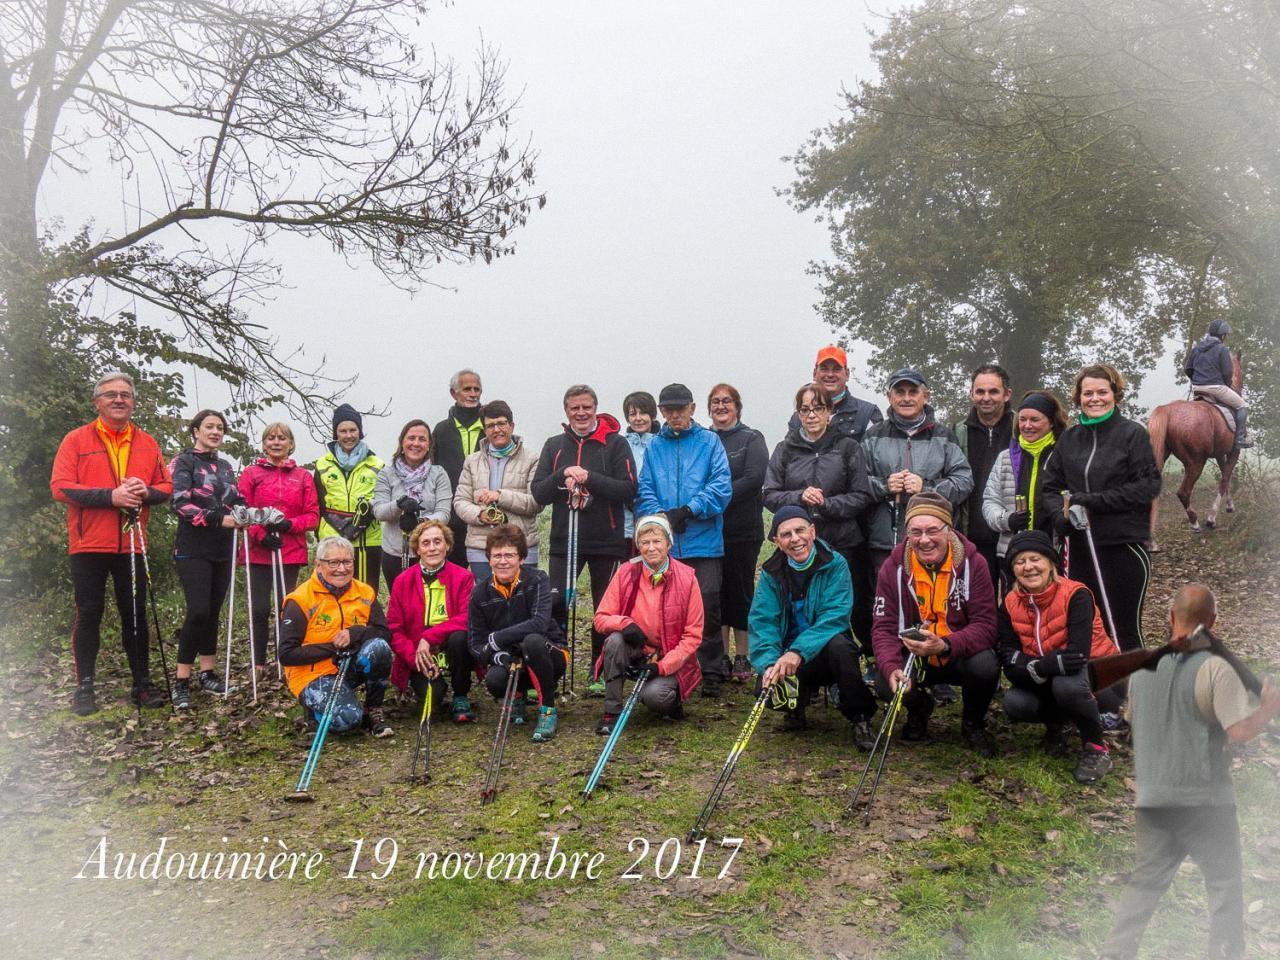 Audouinière 19 novembre 2017